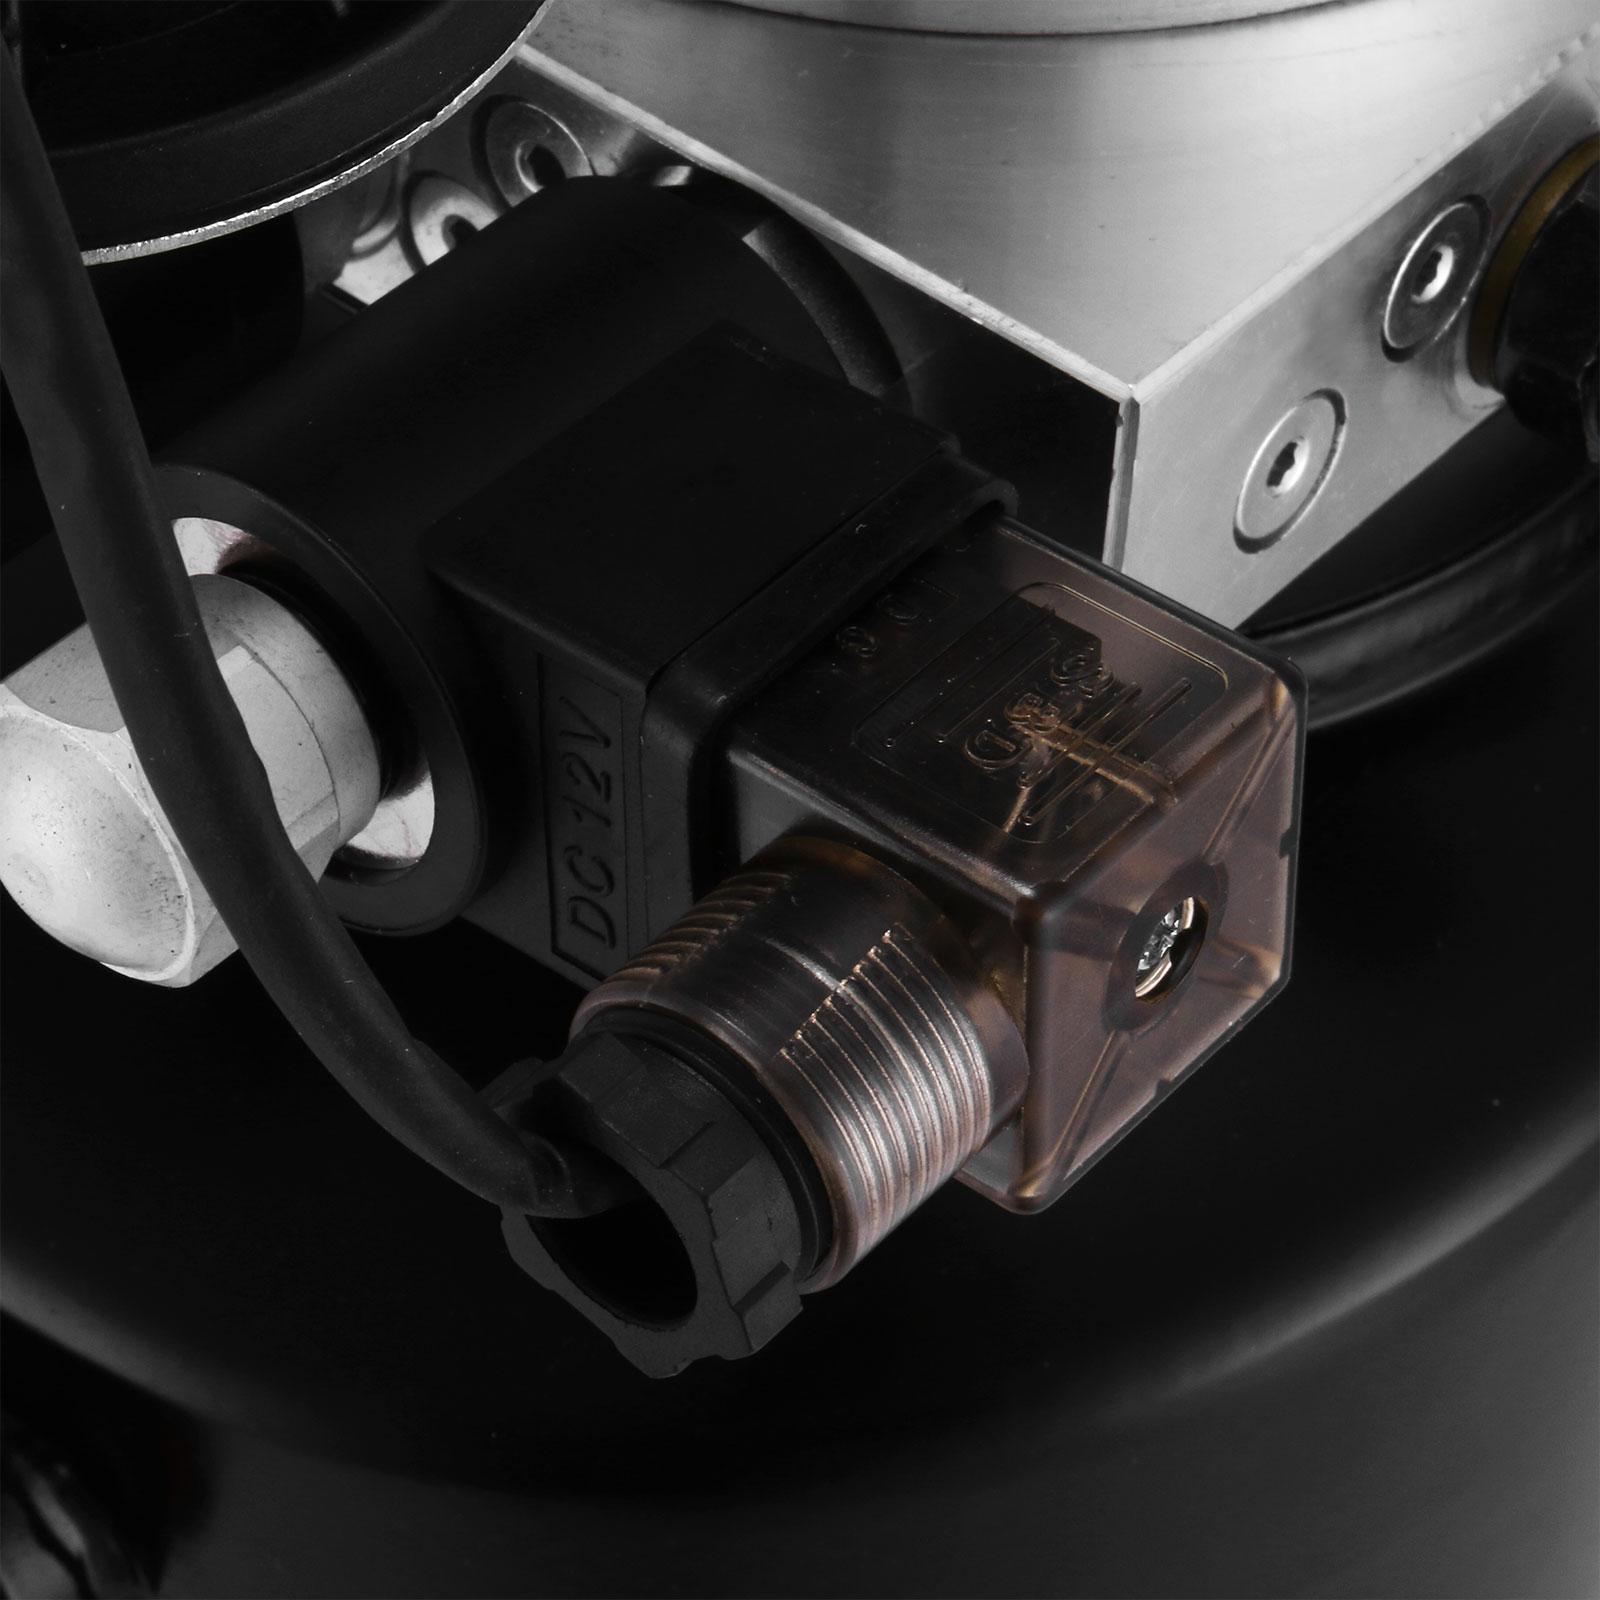 12v double effet unit pompe hydraulique 8 litres benne puissance lectrique ebay. Black Bedroom Furniture Sets. Home Design Ideas